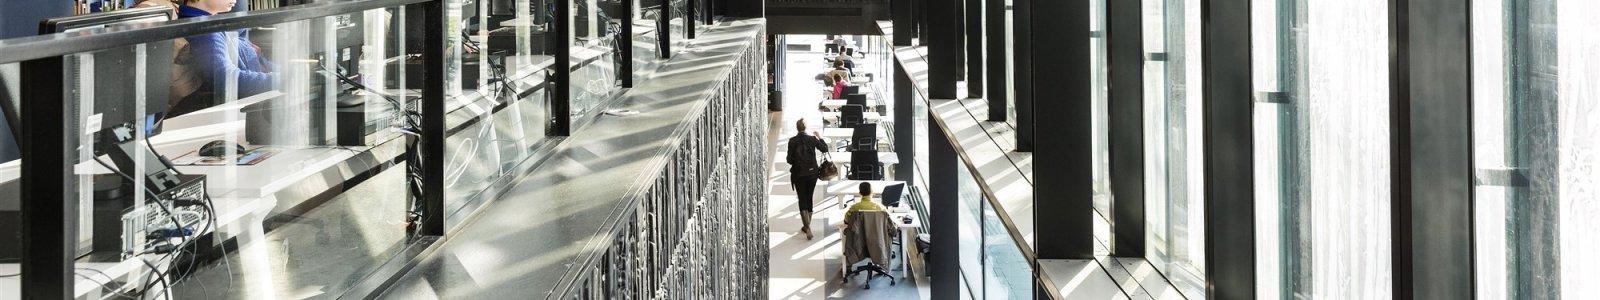 Universiteitsbibliotheek Utrecht USP doorkijk ramen